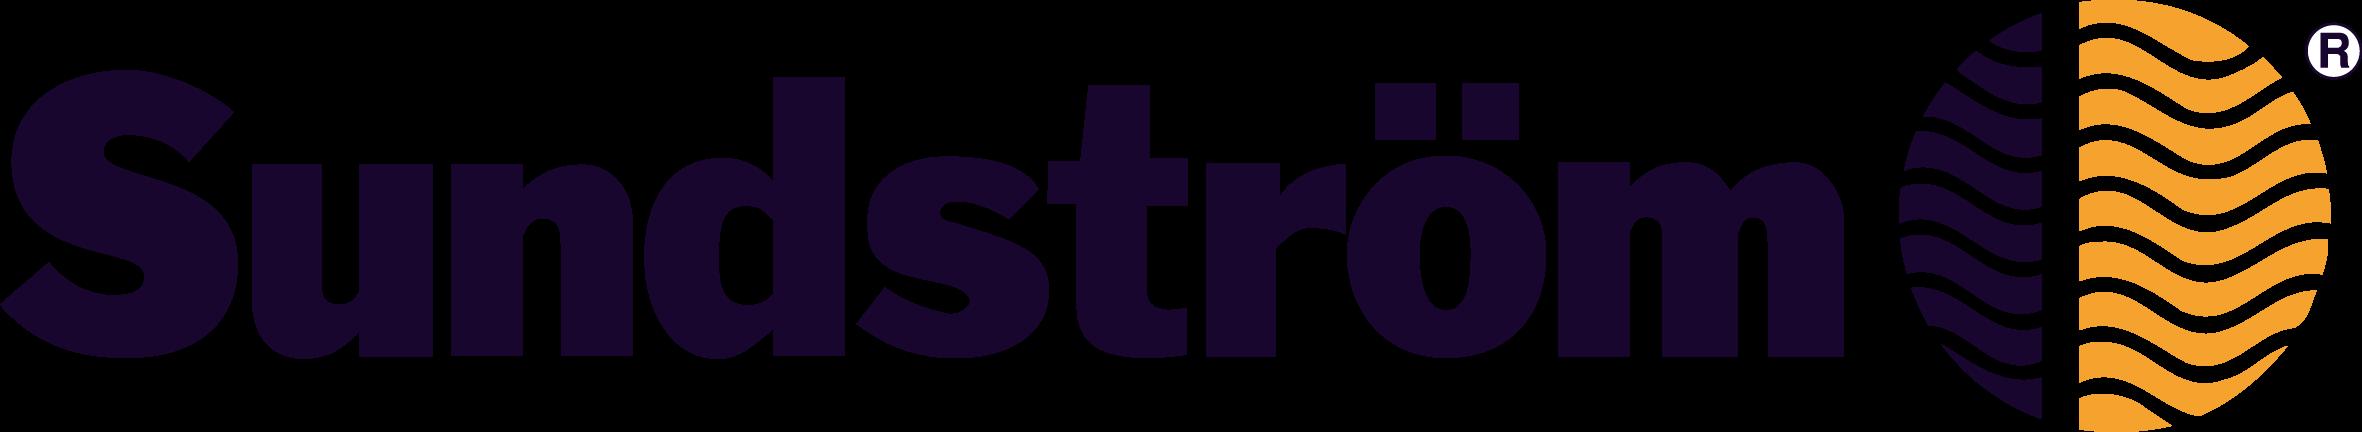 Sundstrom Safety Services UK